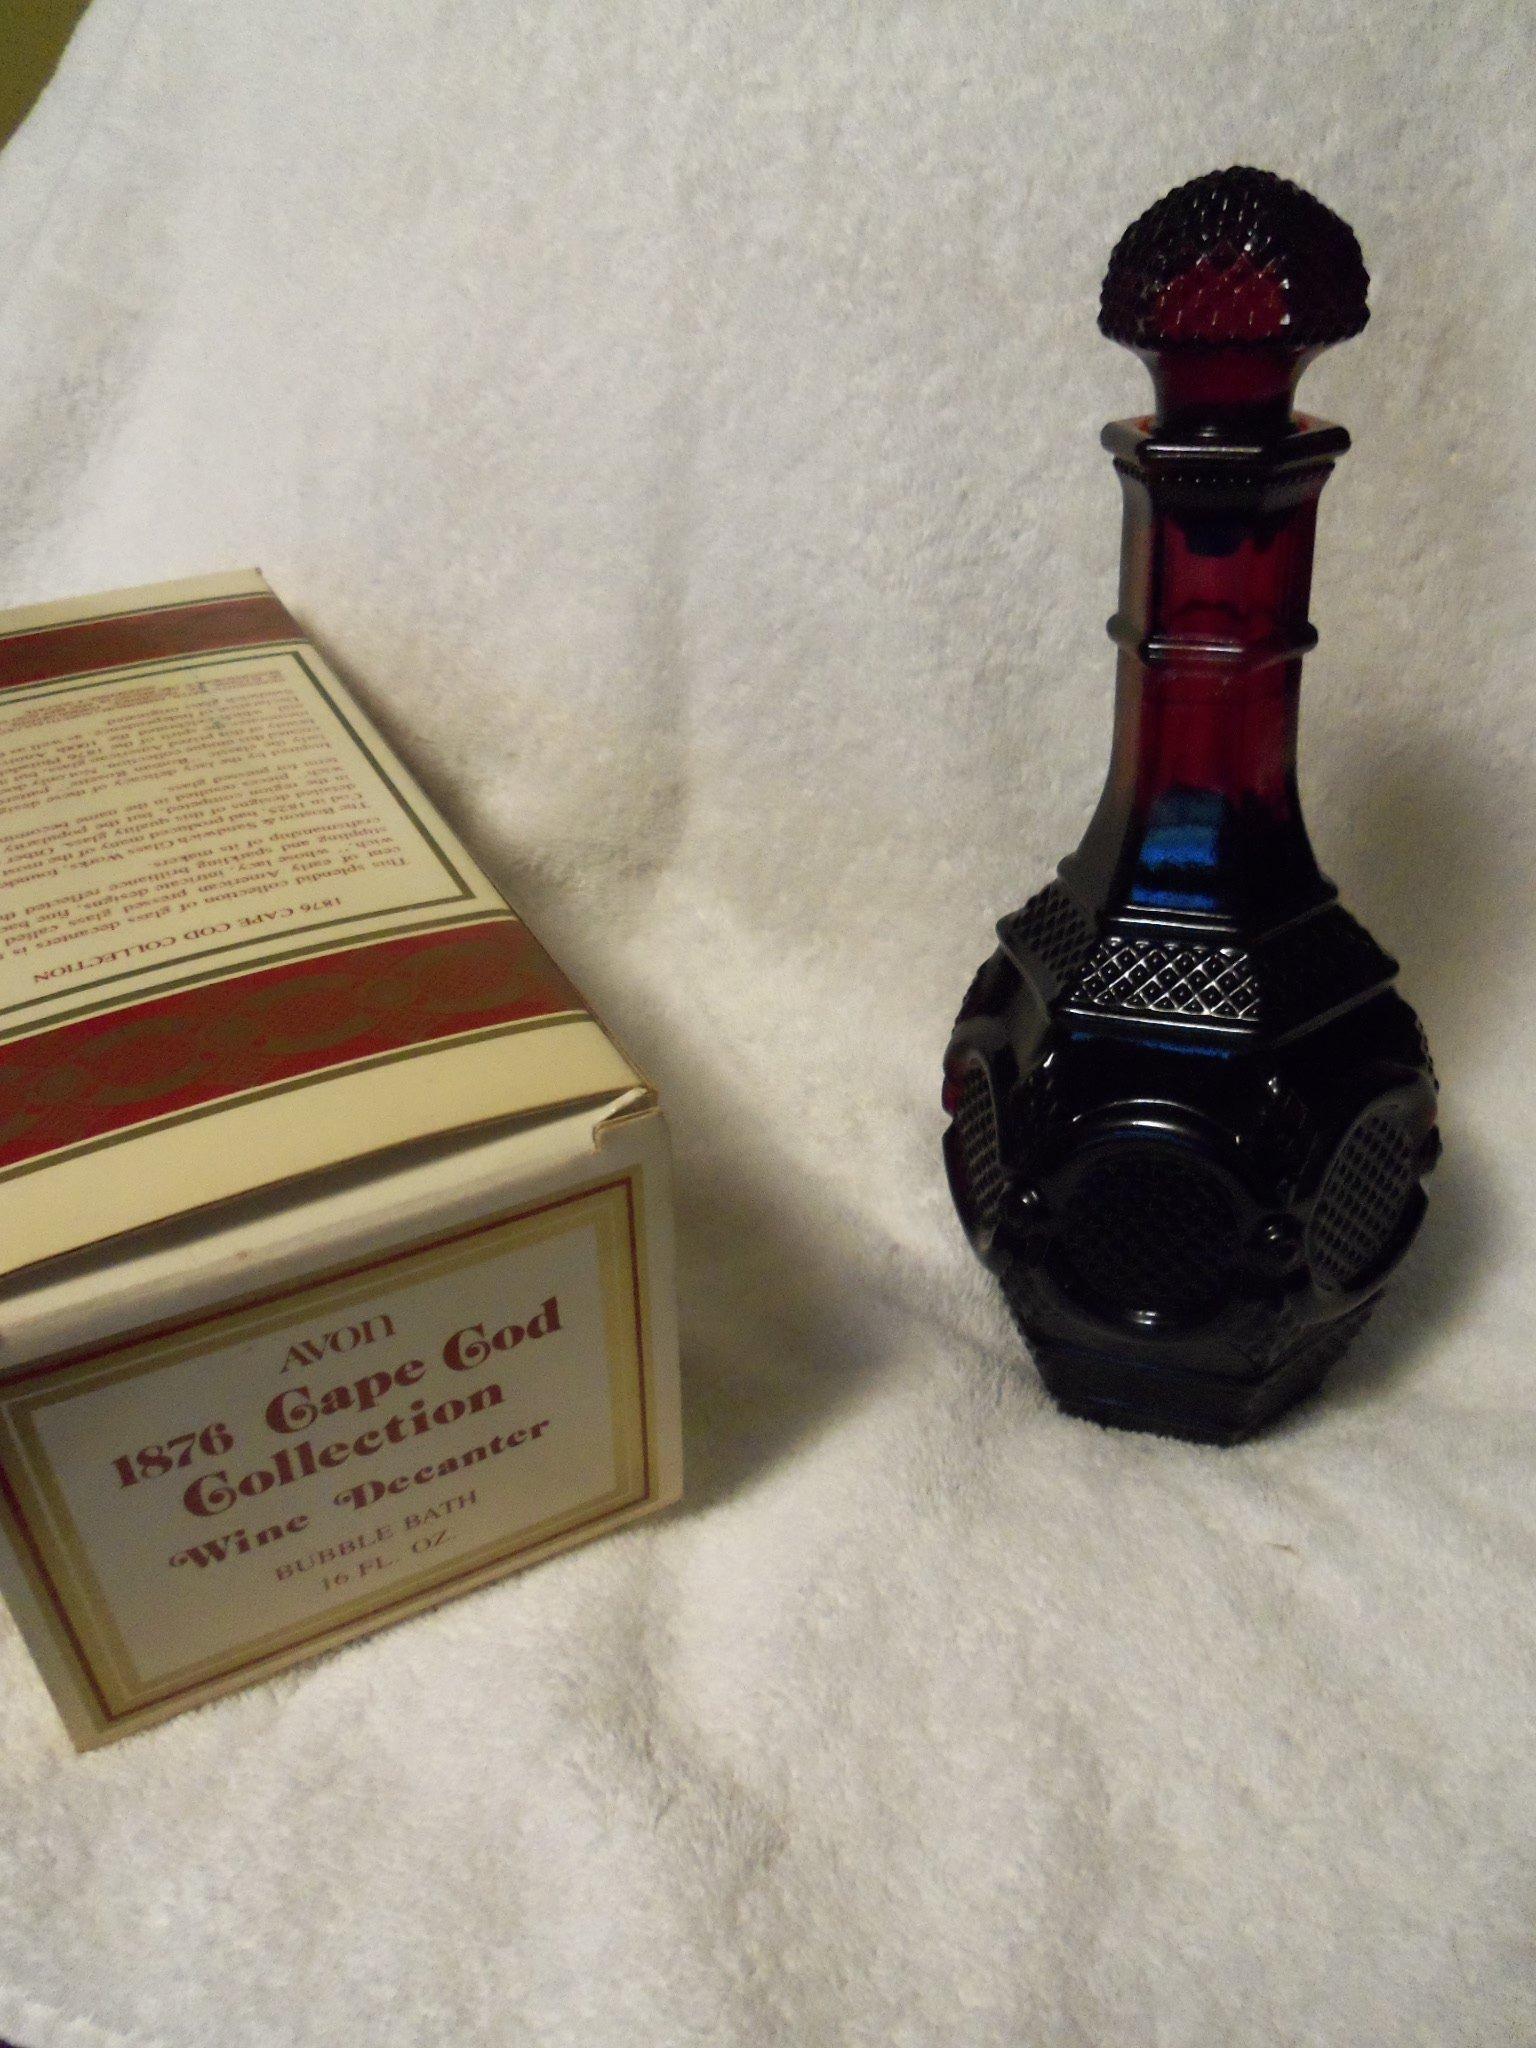 Avon 1876 Cape Cod Collection Wine Decanter